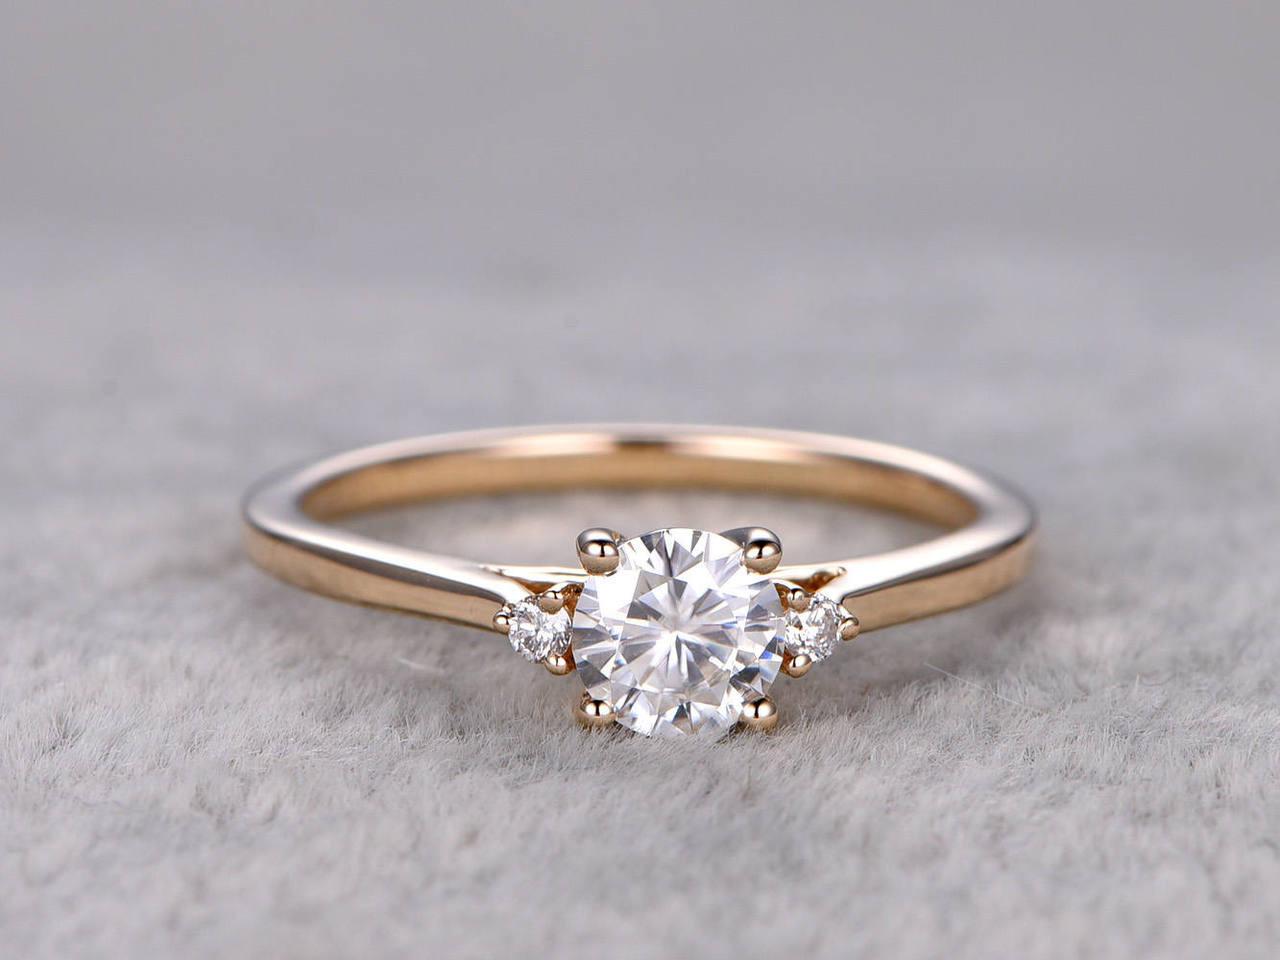 Moissanite diamond engagement rings